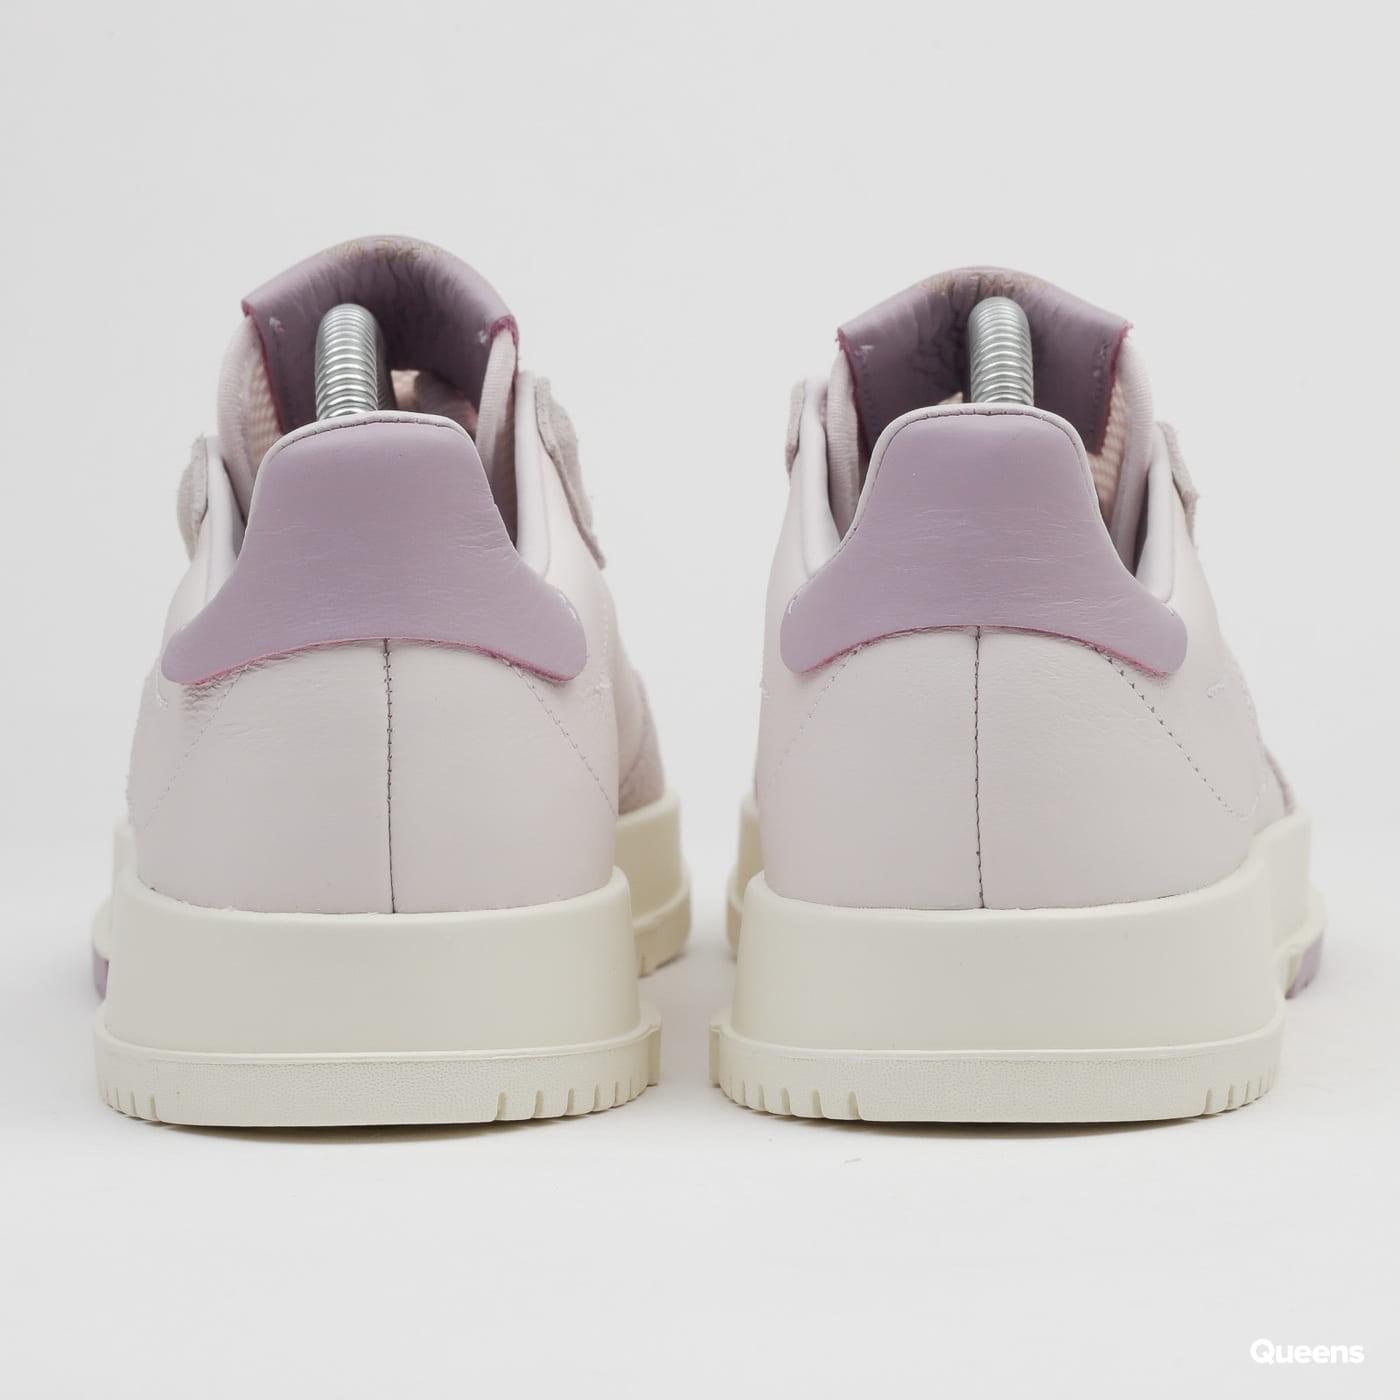 adidas Originals SC Premiere W orctin / orctin / sofvis